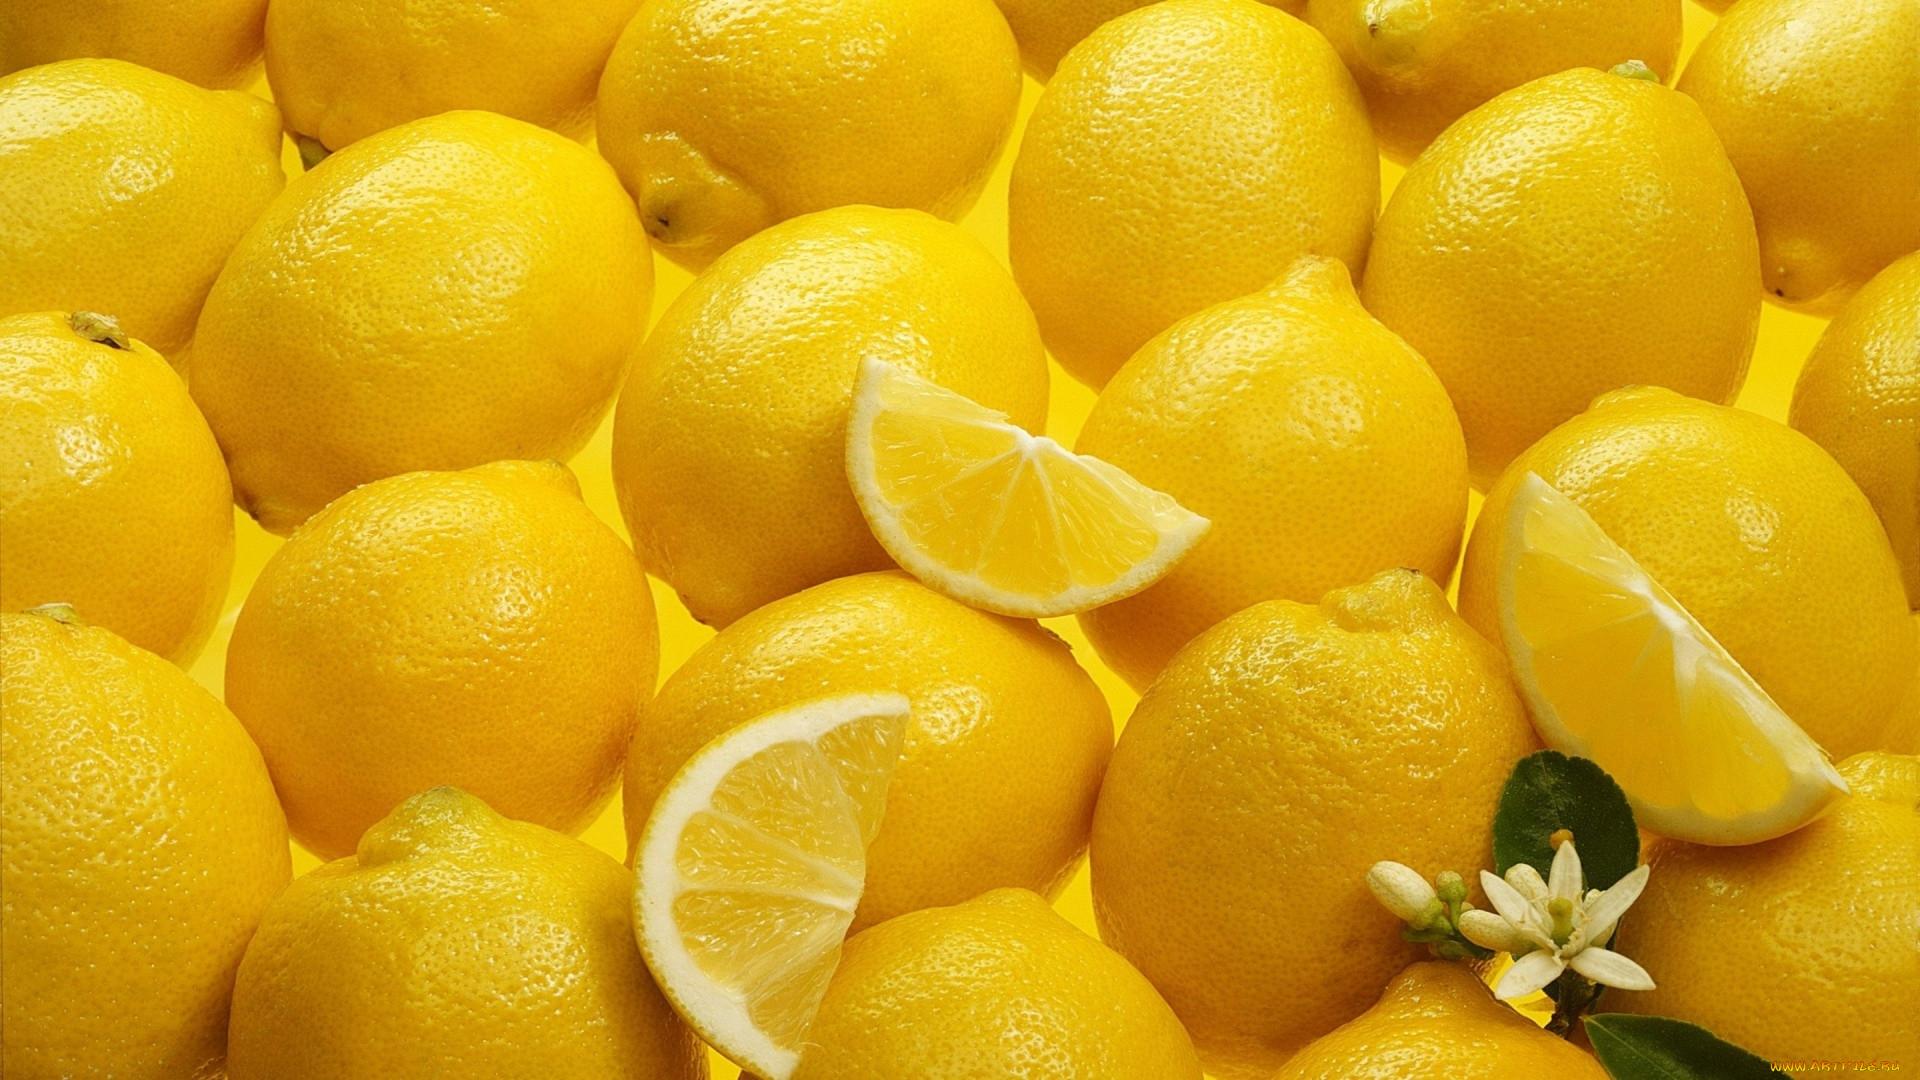 также является сочные лимоны картинка фото может